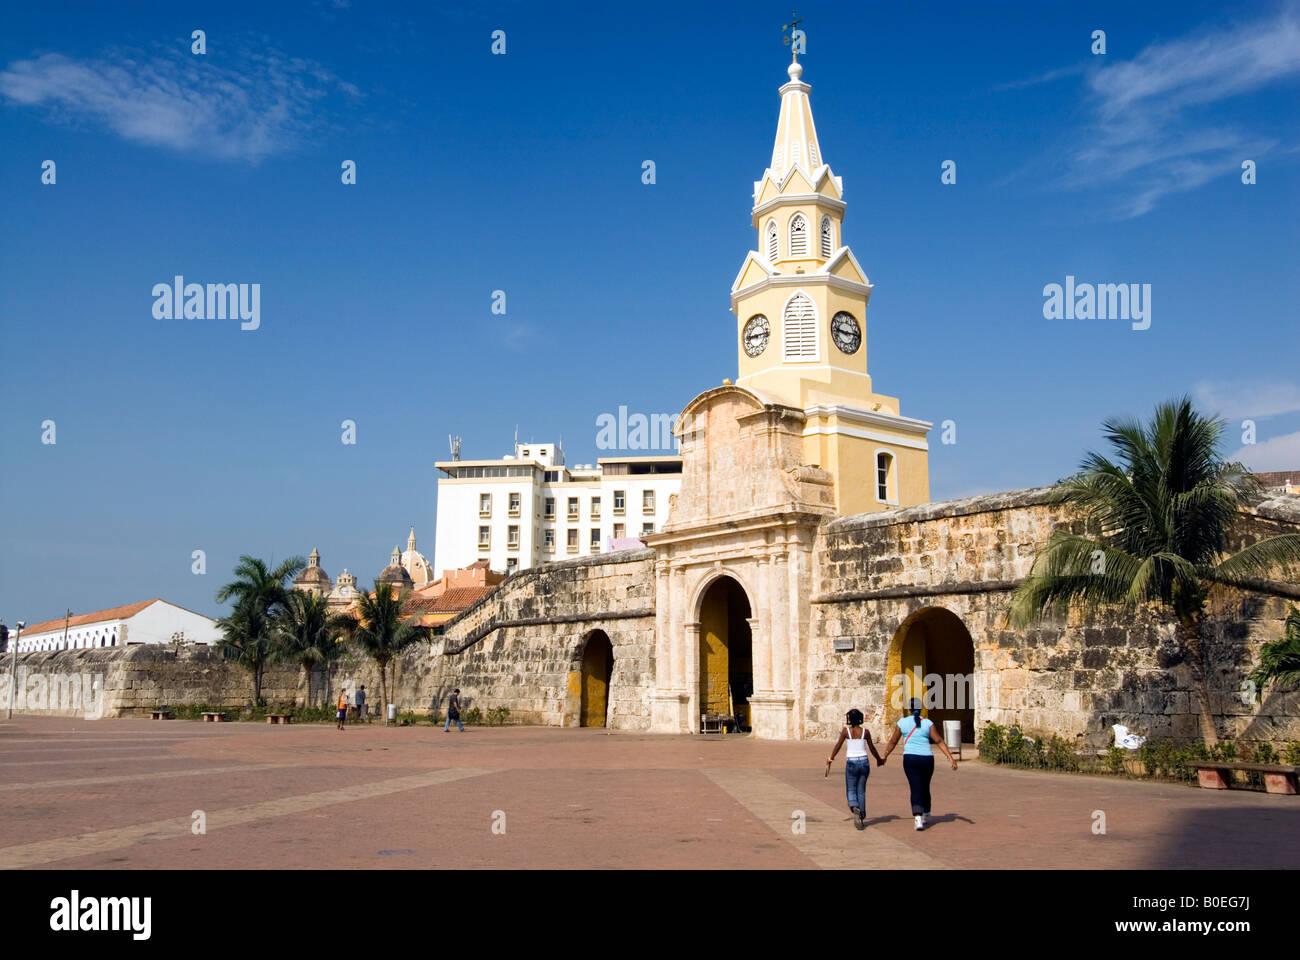 The Clock Tower Gate or Puerta del Reloj, Cartagena de Indias, Colombia - Stock Image